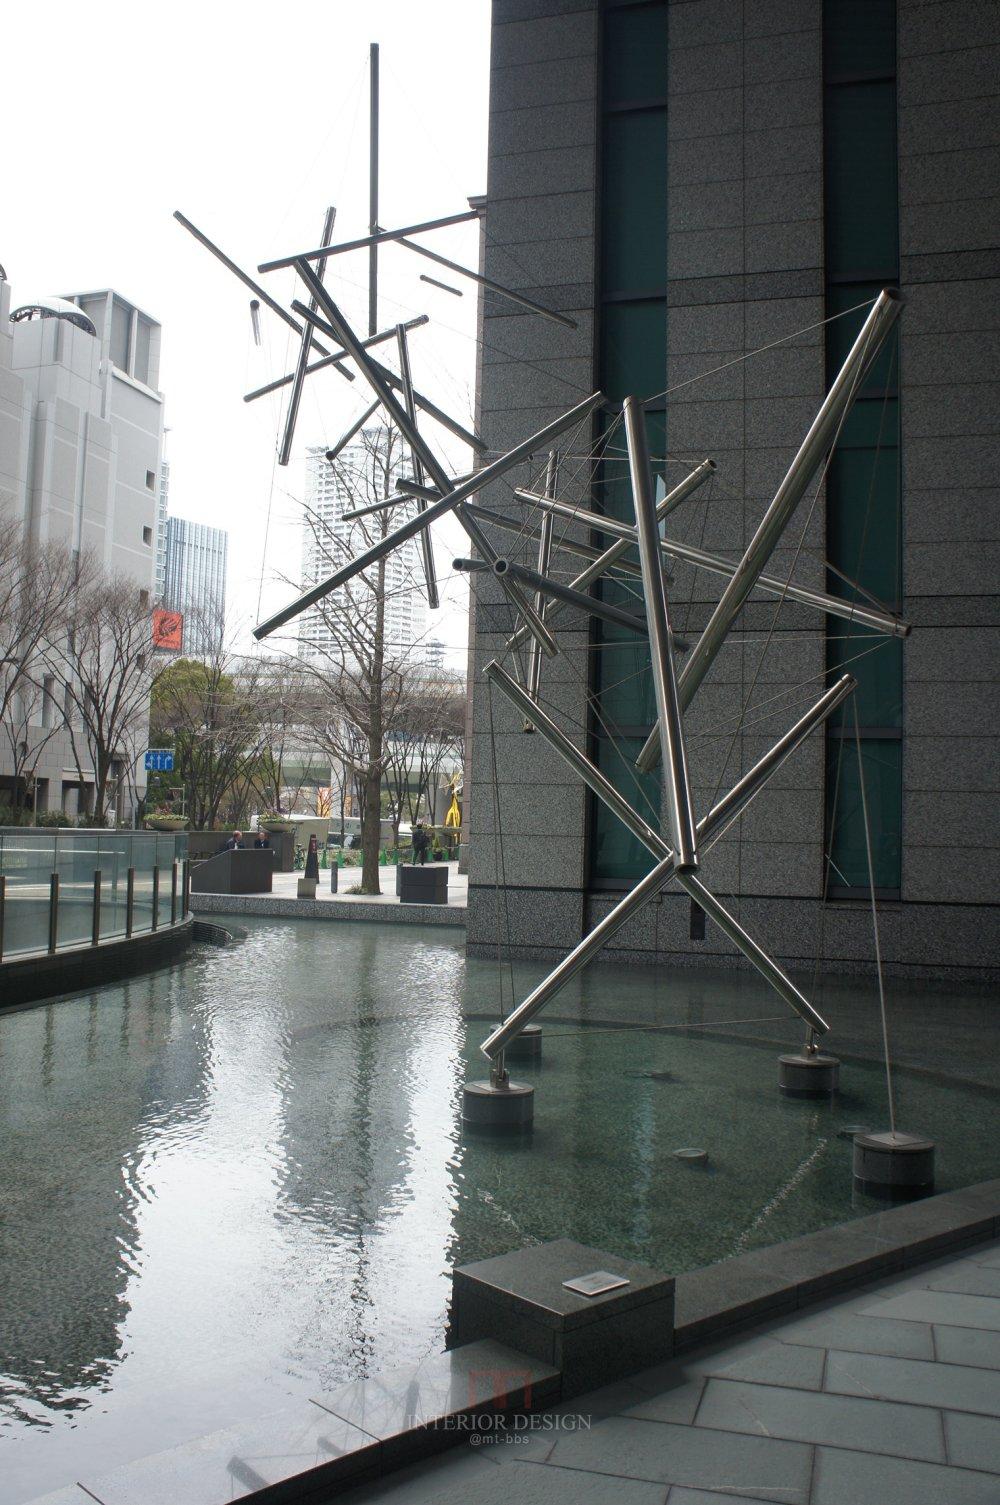 #伙伴一起看日本#  日本设计考察分享(更新美秀美术馆)_DSC05687.JPG